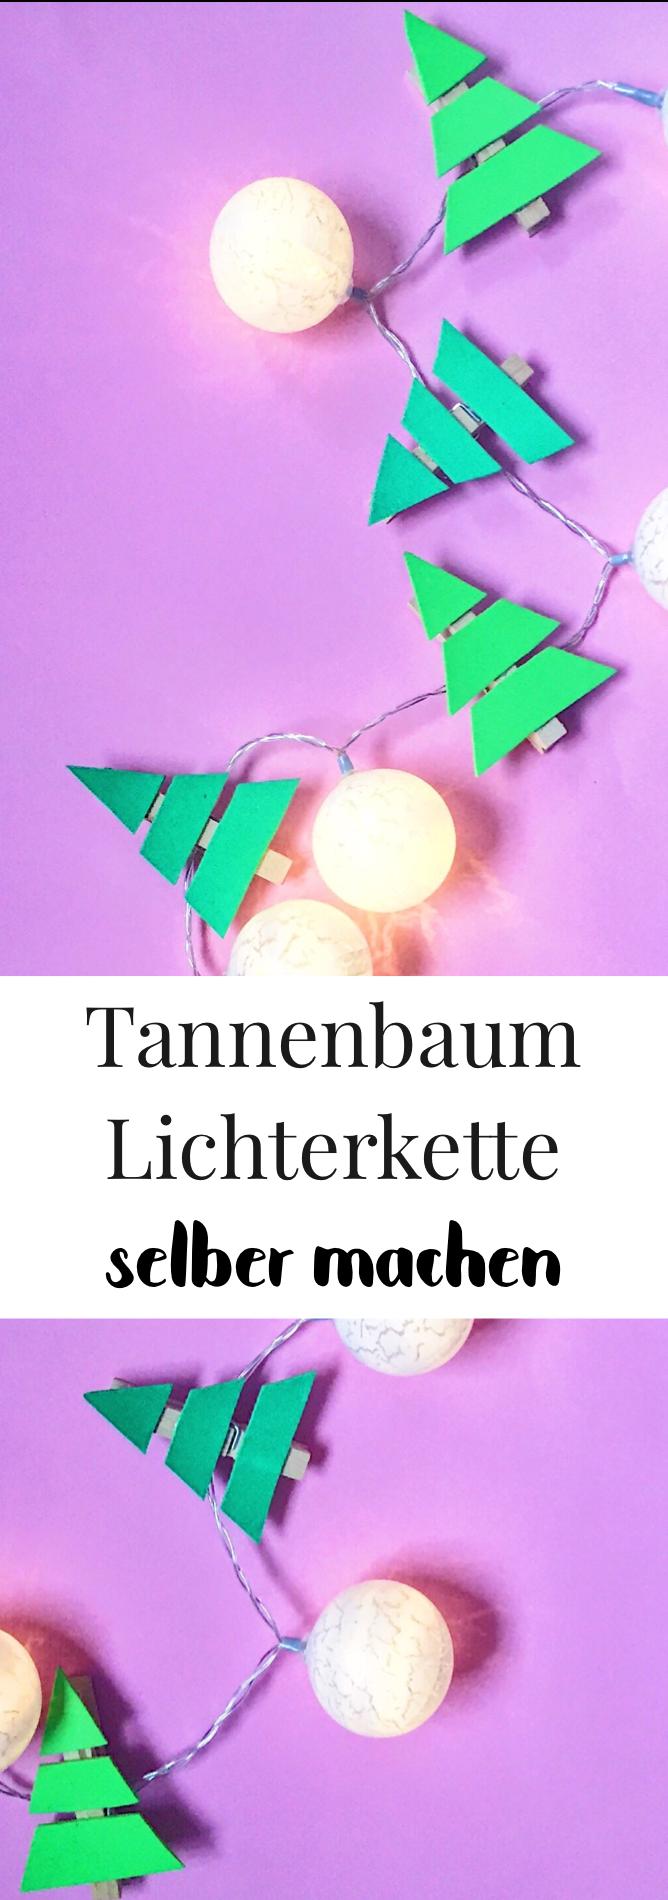 tannenbaum lichterkette selber machen mit video blogmix. Black Bedroom Furniture Sets. Home Design Ideas